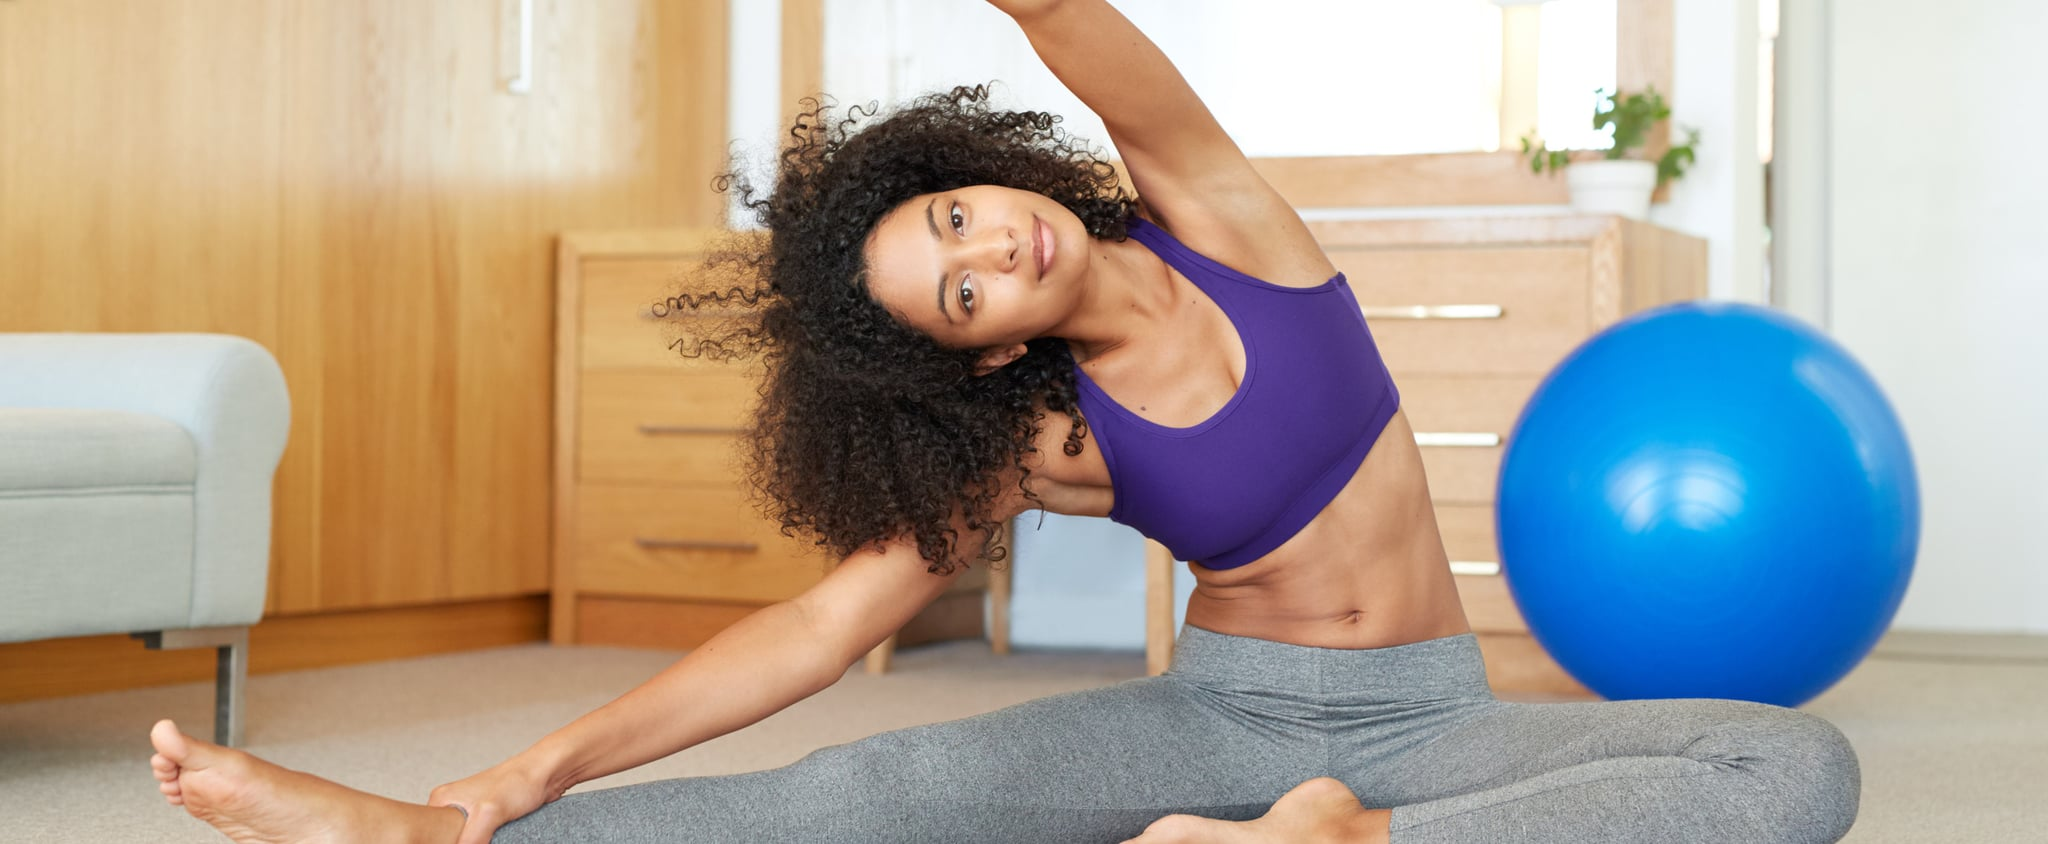 تمارين لكامل الجسم مدتها 20 دقيقة